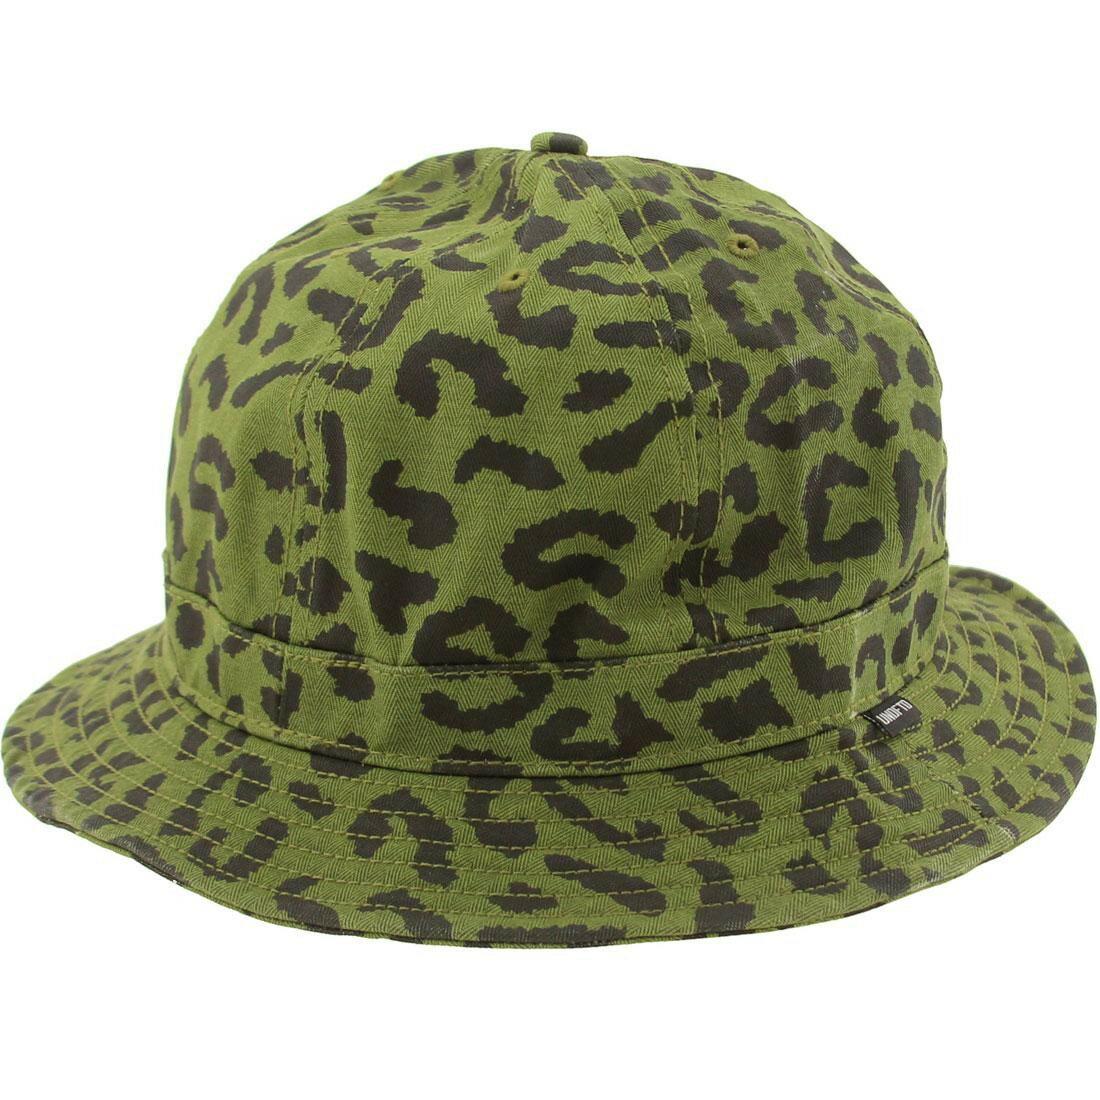 メンズ帽子, ハット  UNDEFEATED COMBAT NEW ERA FITTED BUCKET HAT OLIVE CAMO